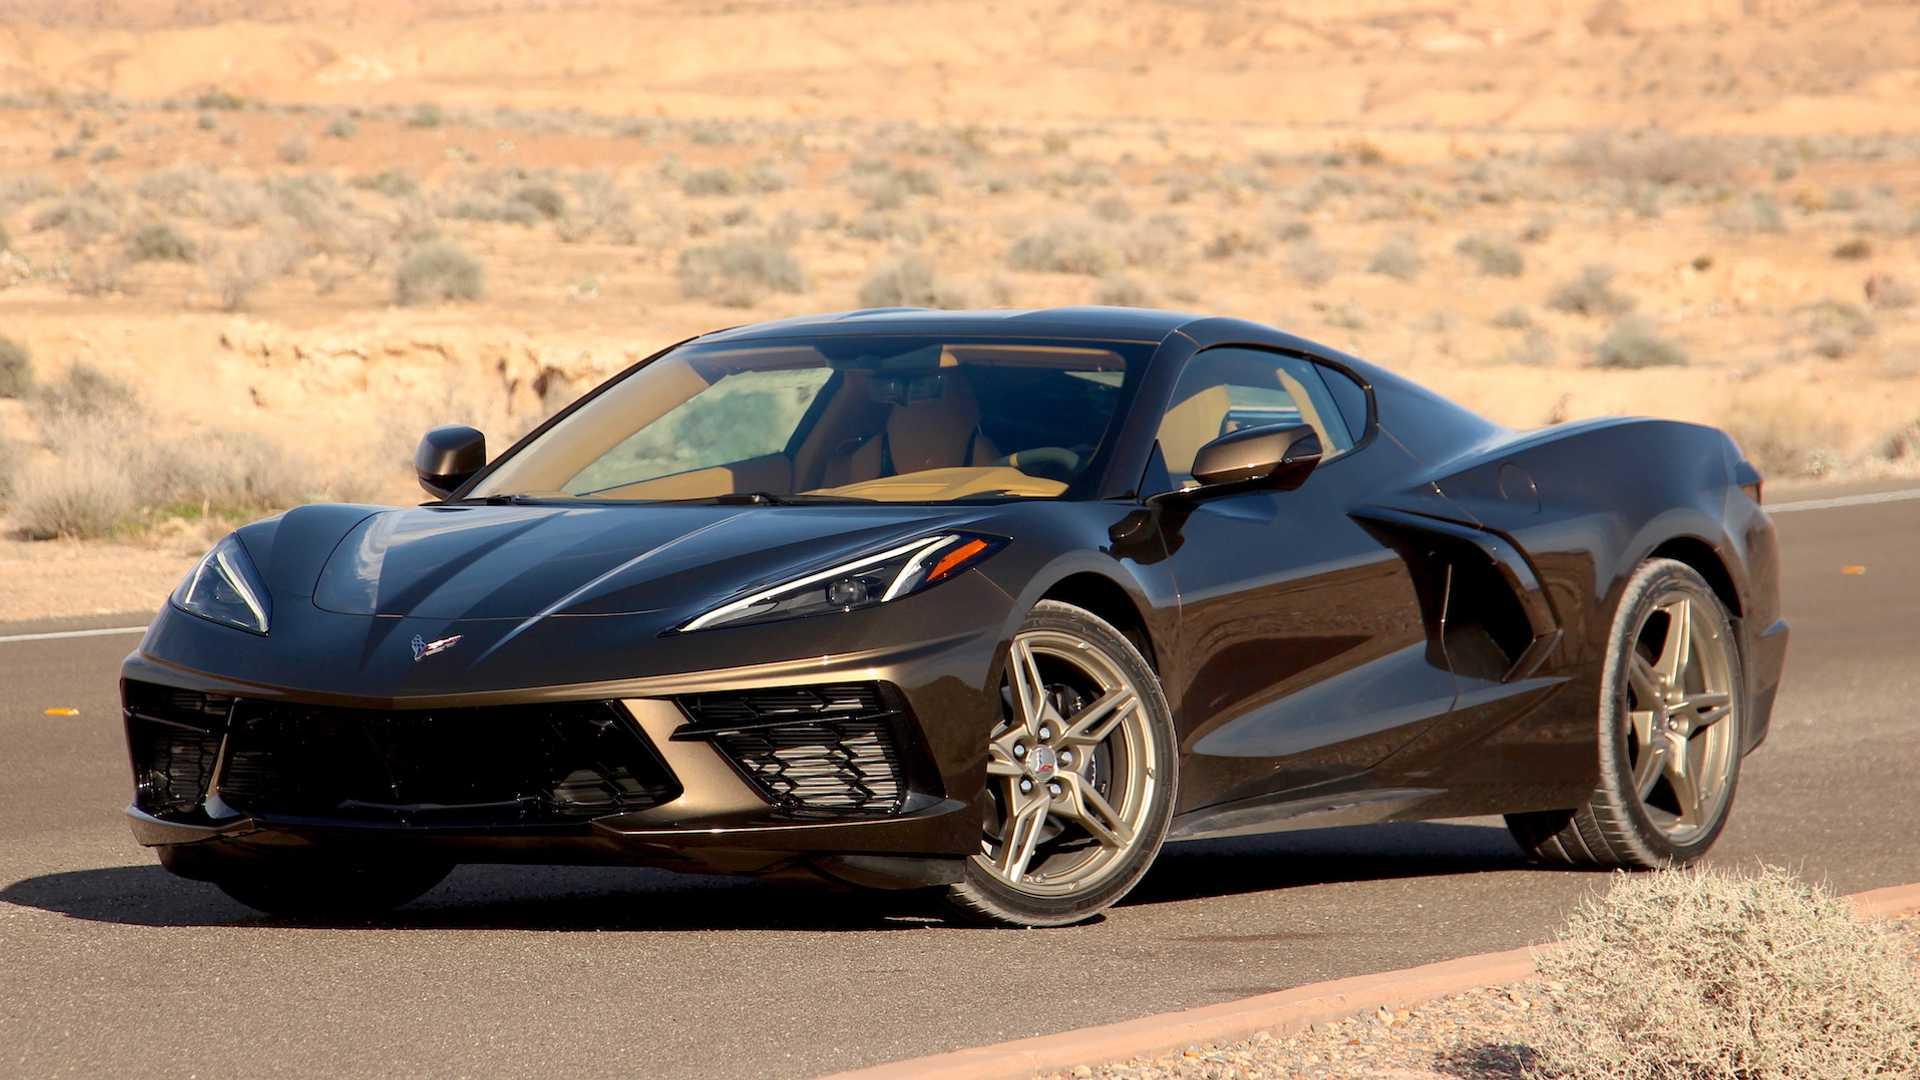 سيارات شيفروليه كورفيت في السعودية 2022 - أسعار سيارات شيفروليه كورفيت في السعودية 2022